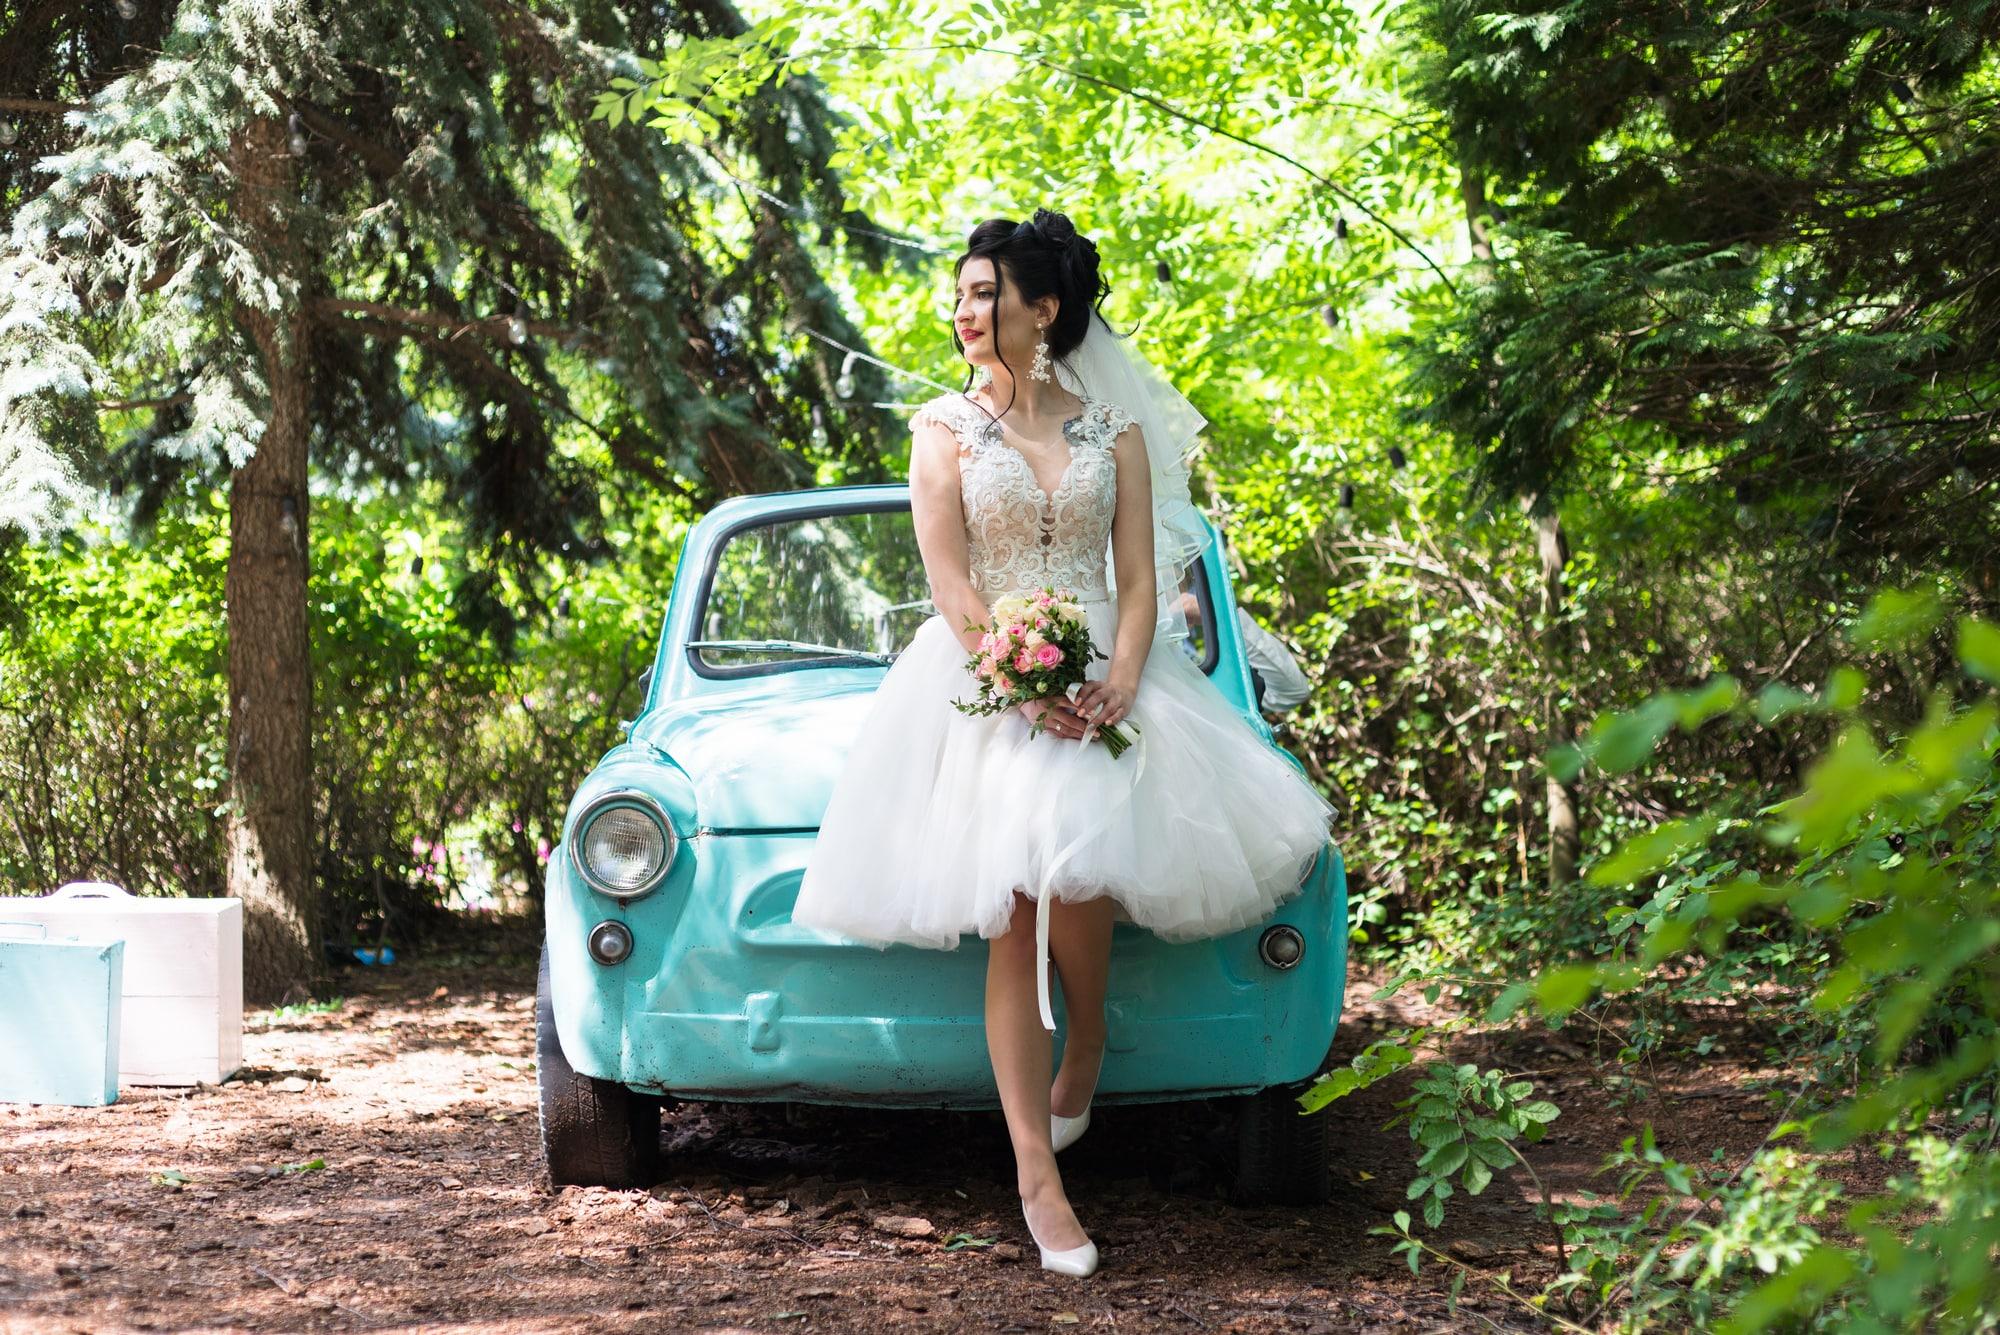 Свадебная фотосессия в студии Play - невеста и ретро авто